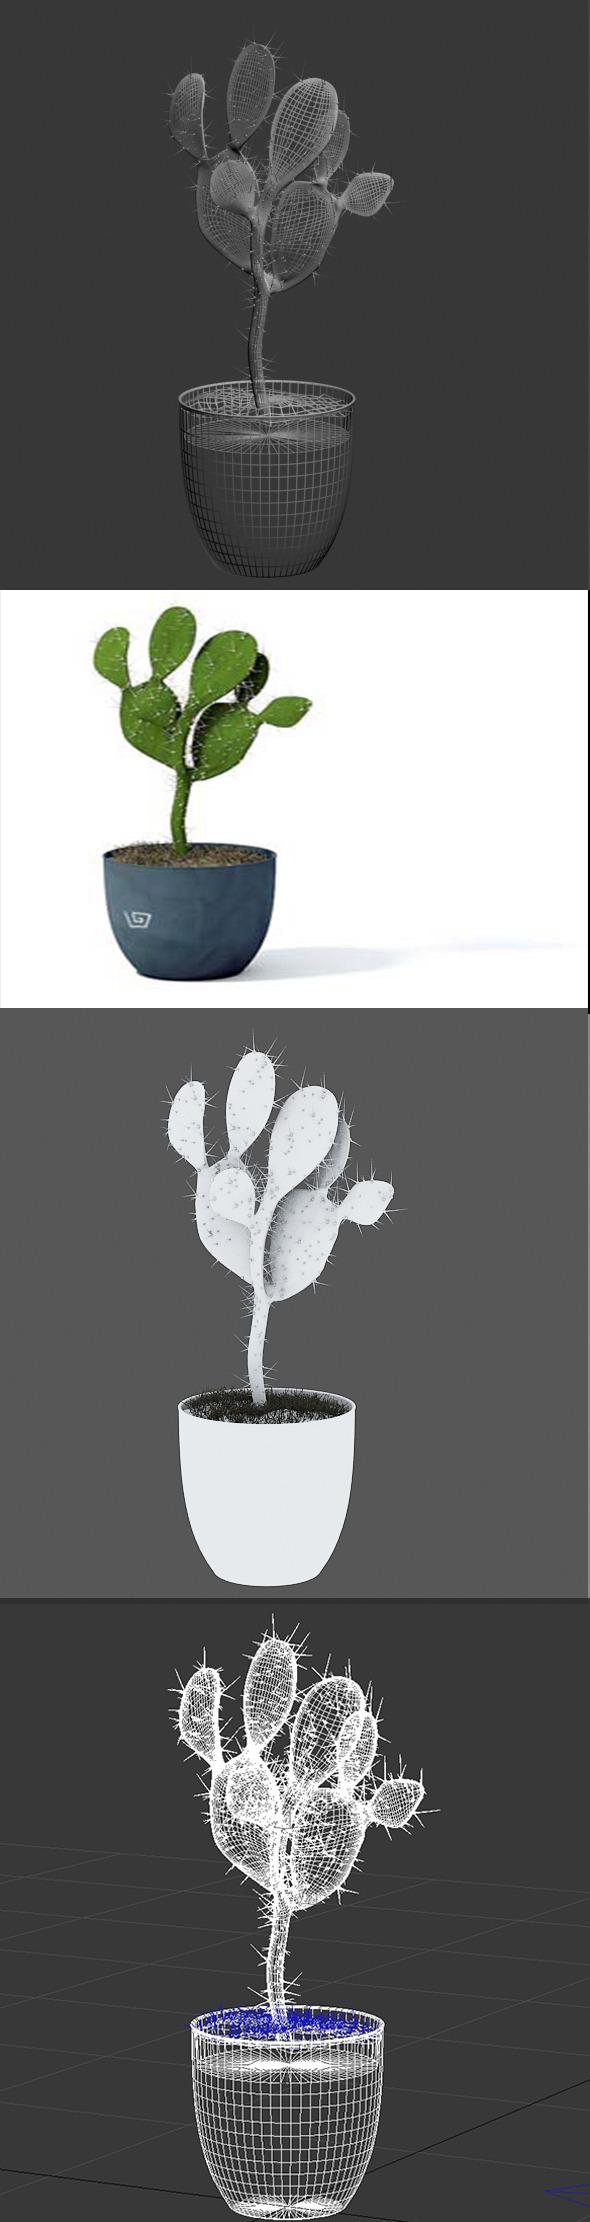 3D Cactus pot plant model 3 - 3DOcean Item for Sale